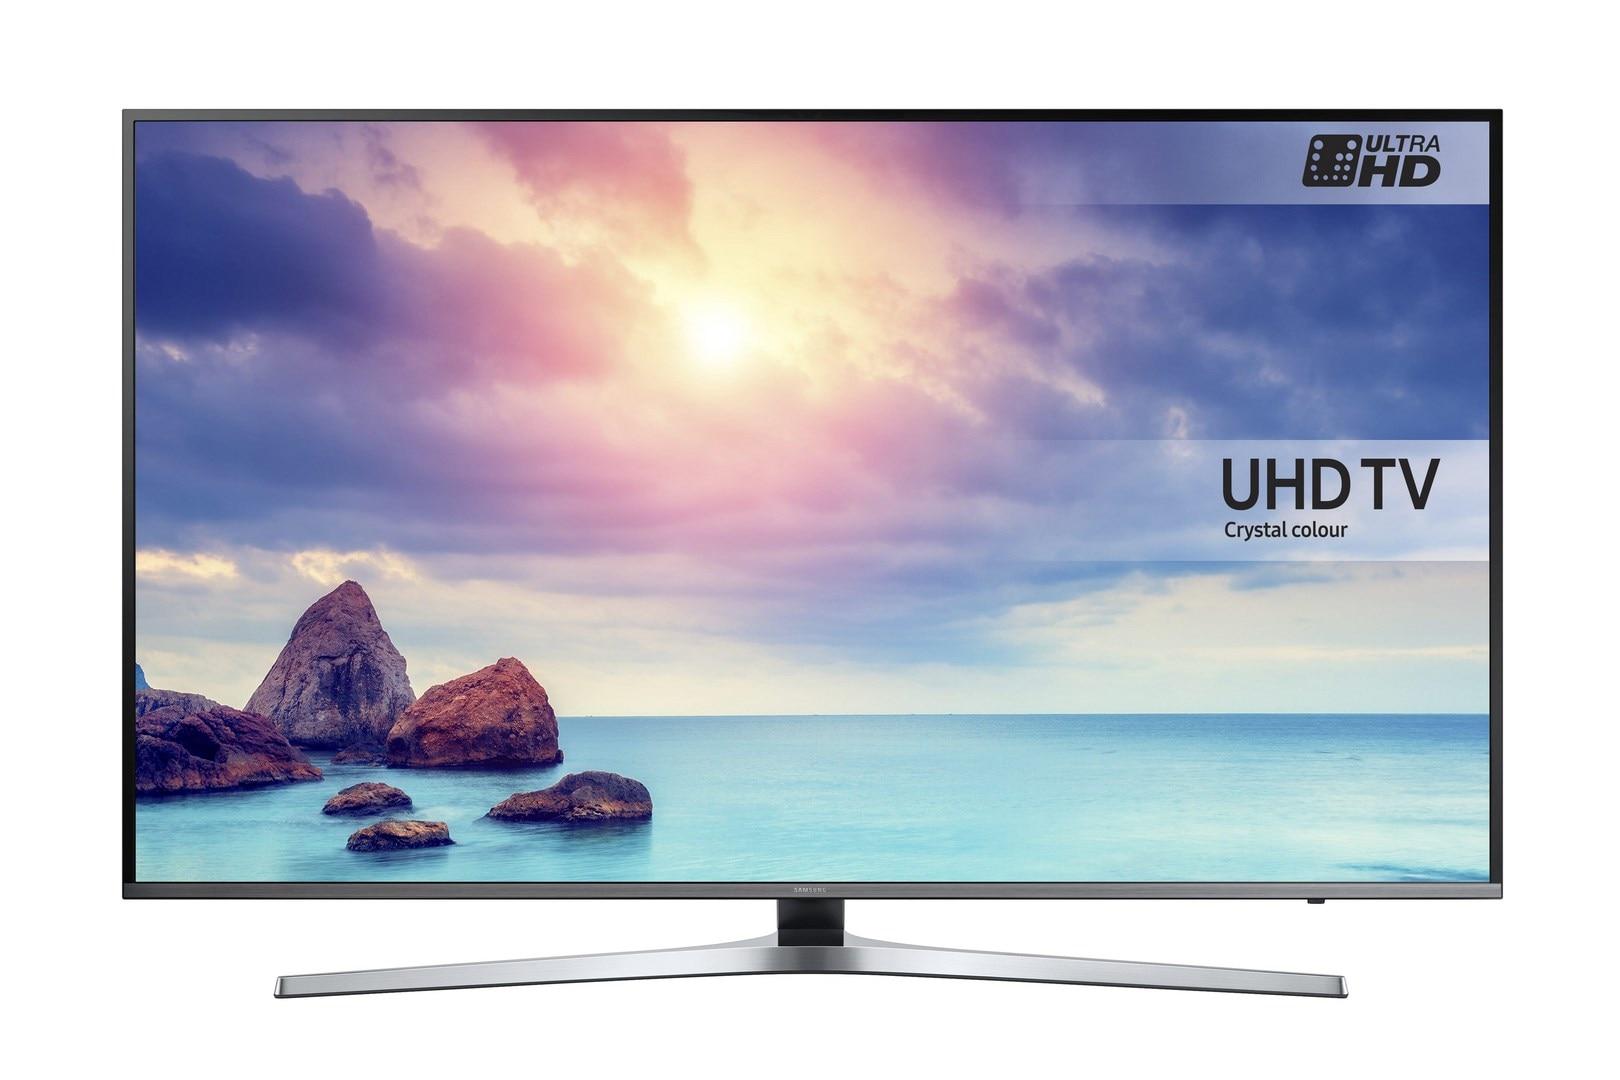 6-Series UHD TV UE49KU6470